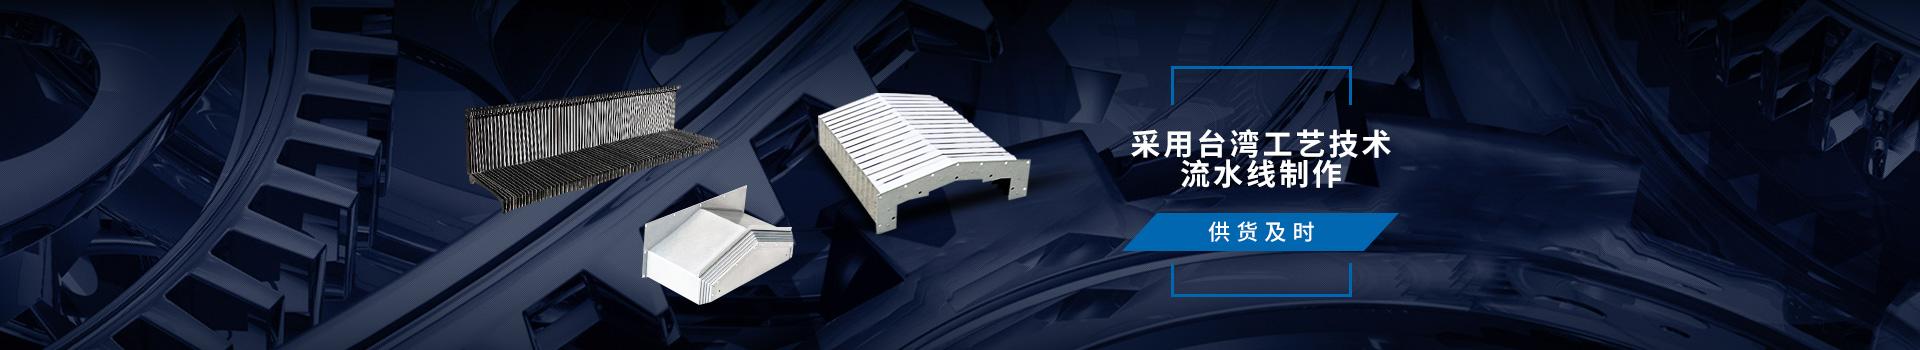 机床防护罩:采用台湾工艺技术 流水线制作